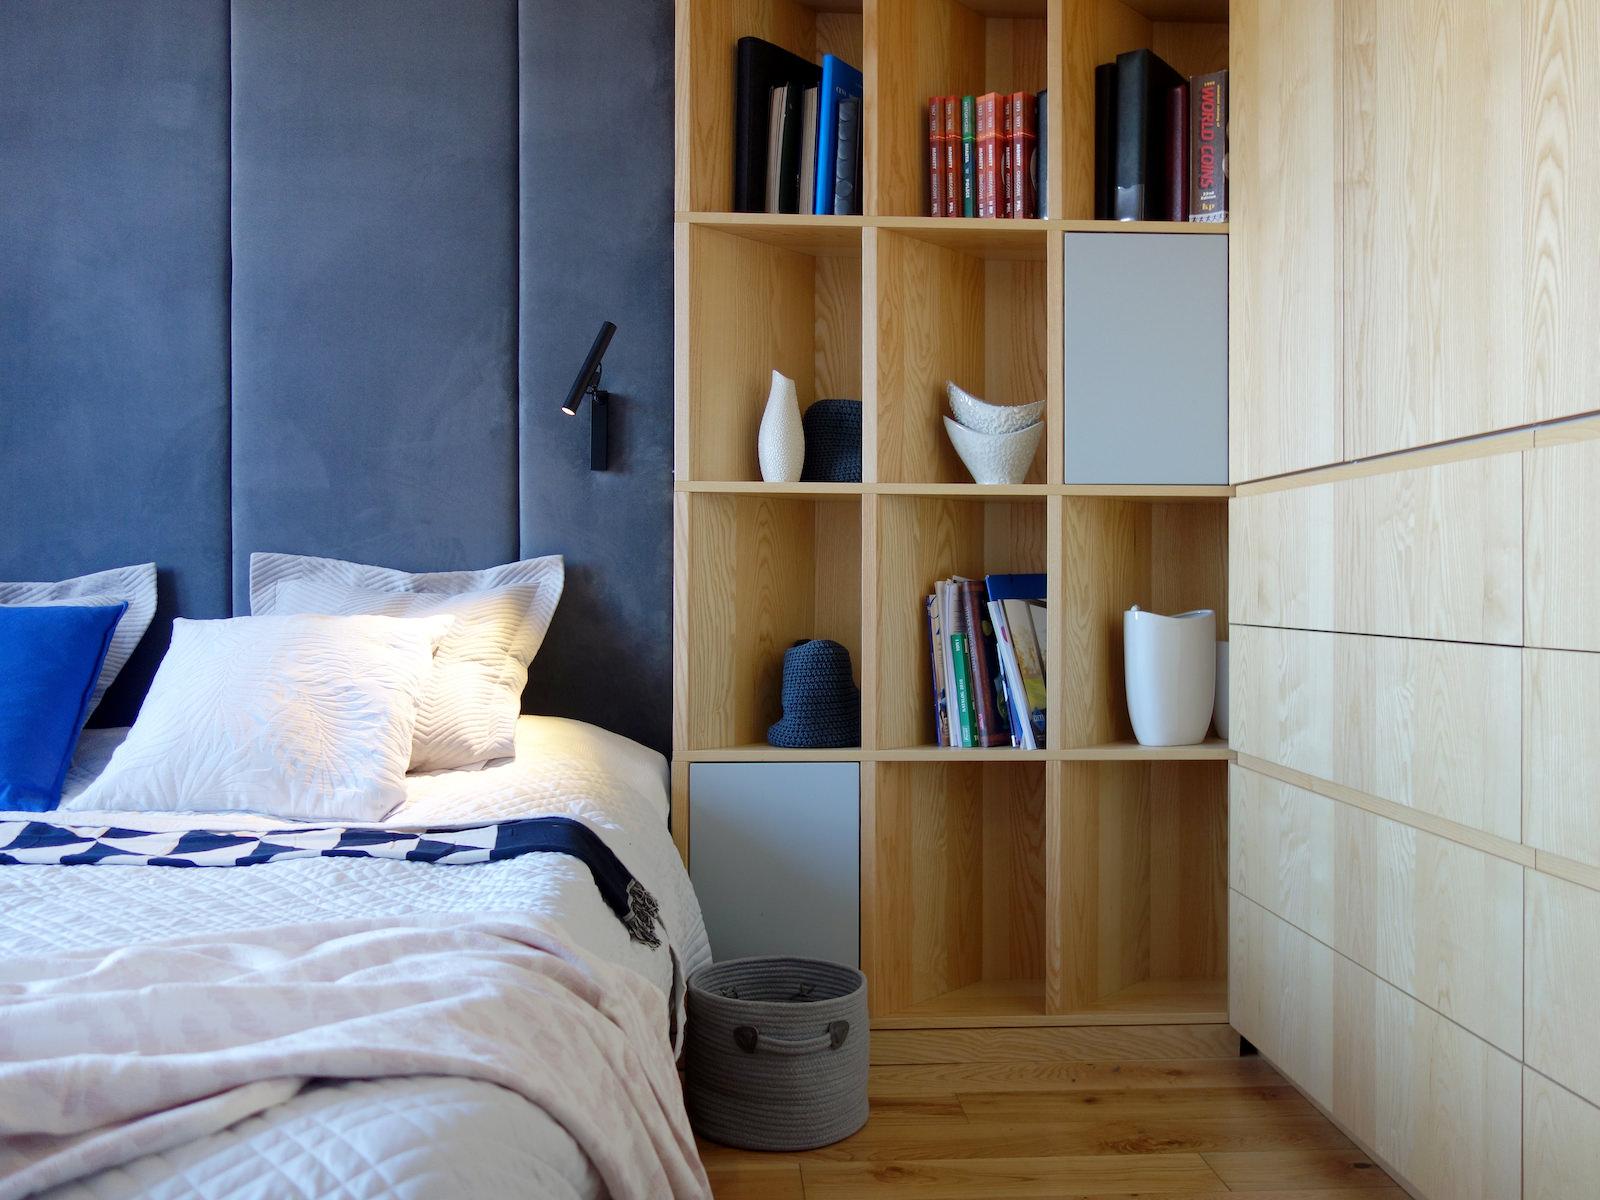 3 projektowanie wnetrz R034 dom katowice sypialnia zabudowa meblowa szafa w sypialni drewniane fronty granatowy zaglowek